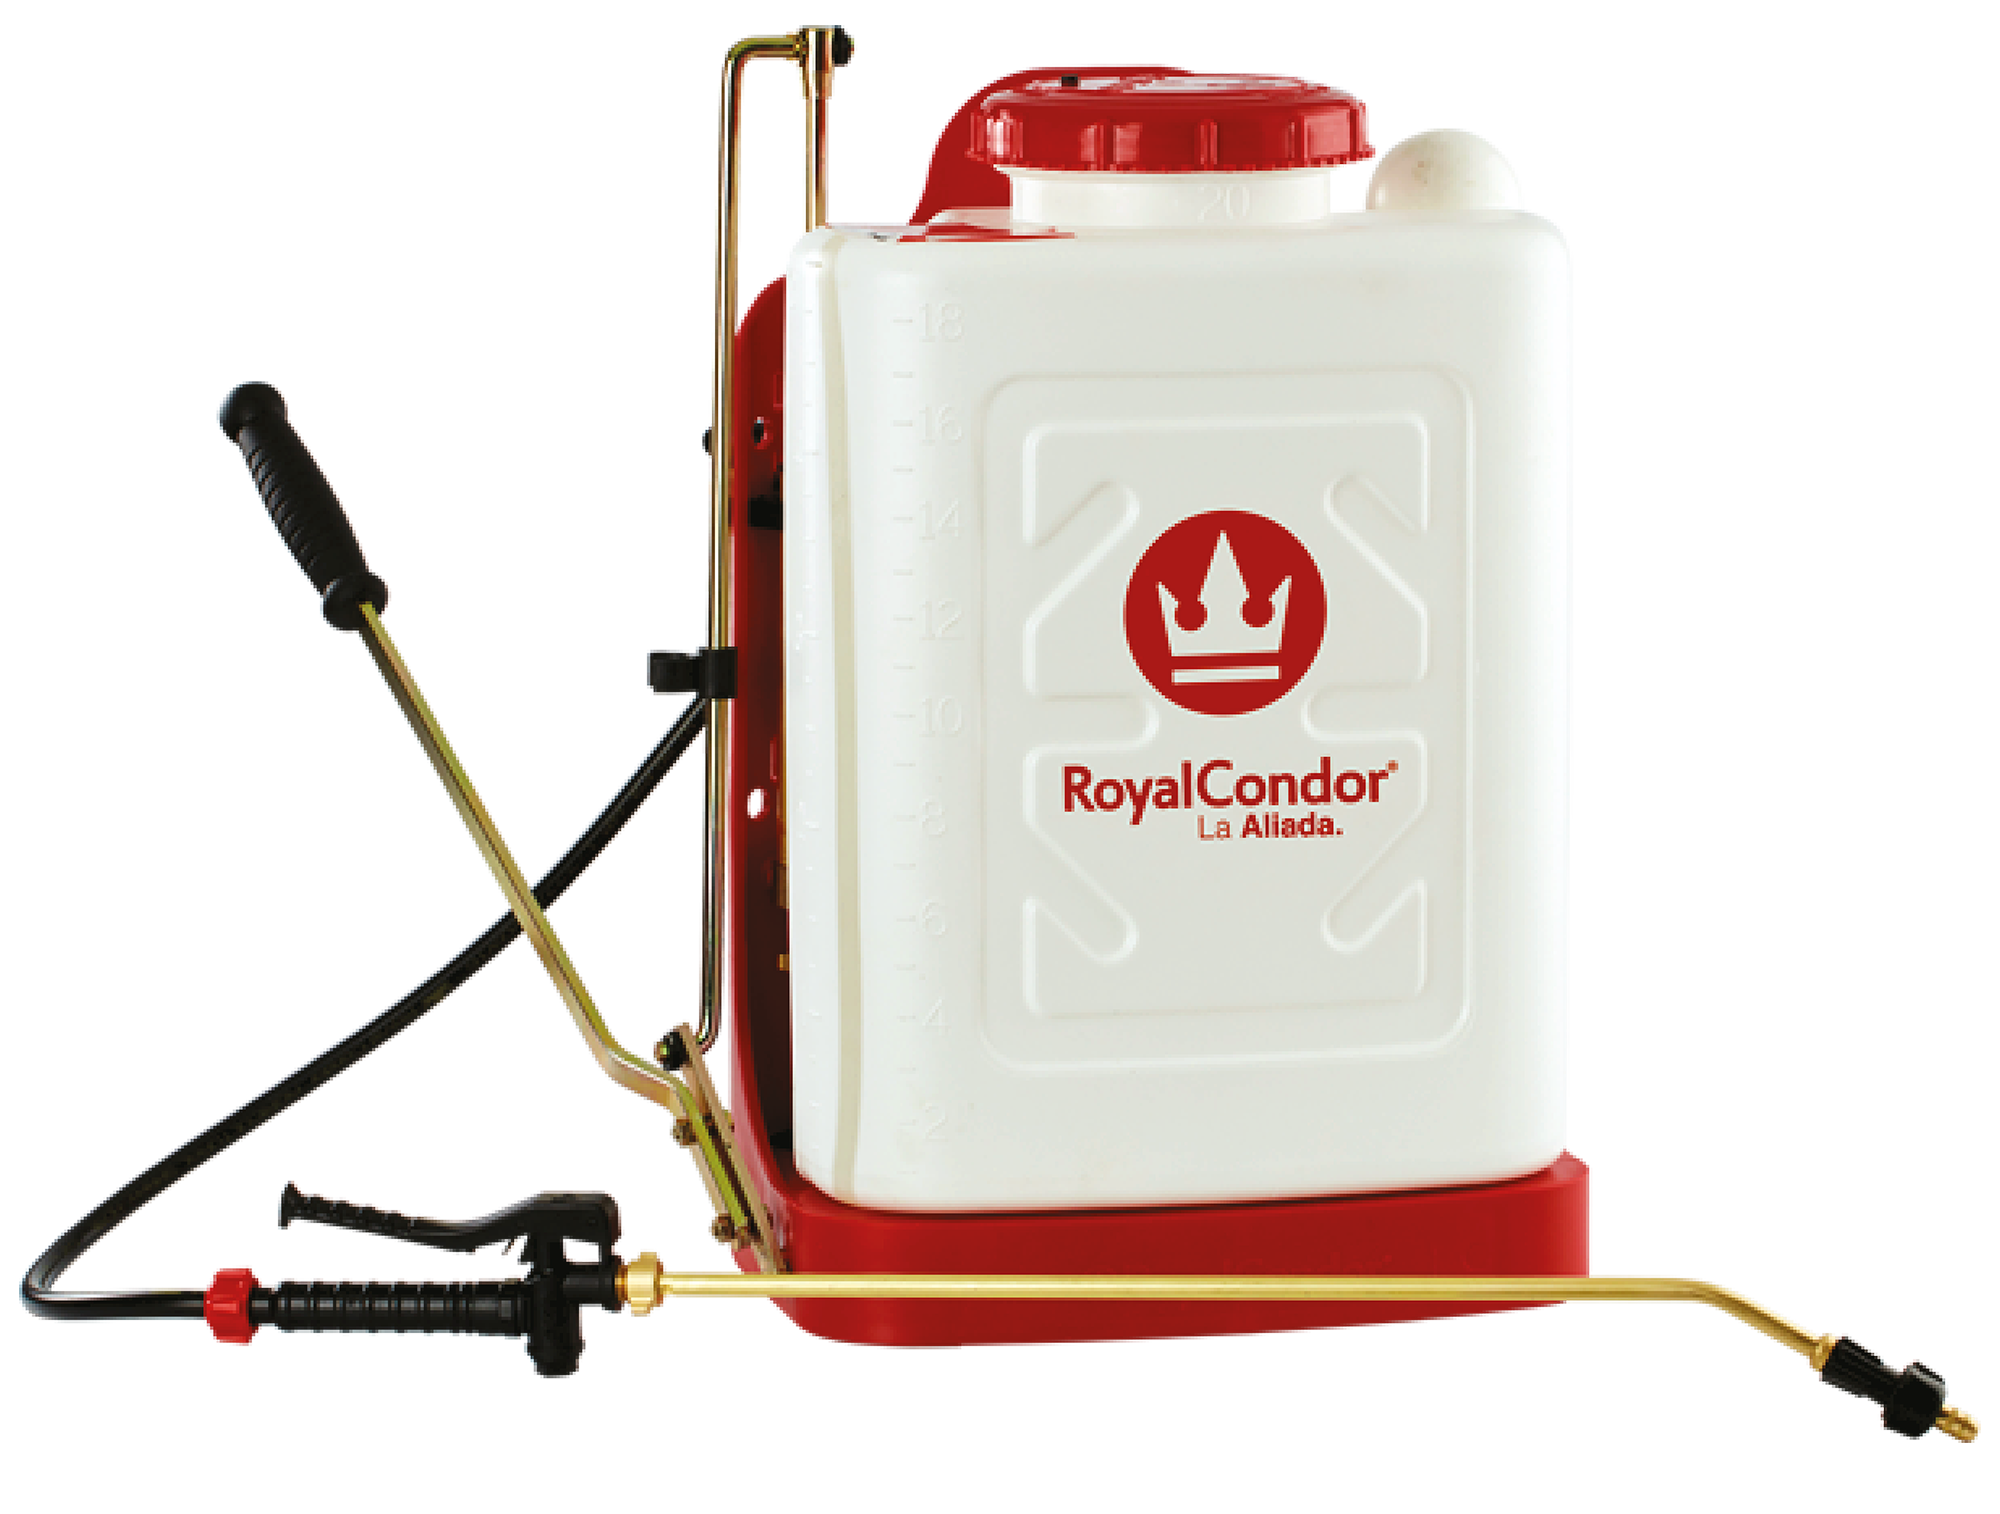 Fumigadora aliada royalcondor 20 lt %28co 018